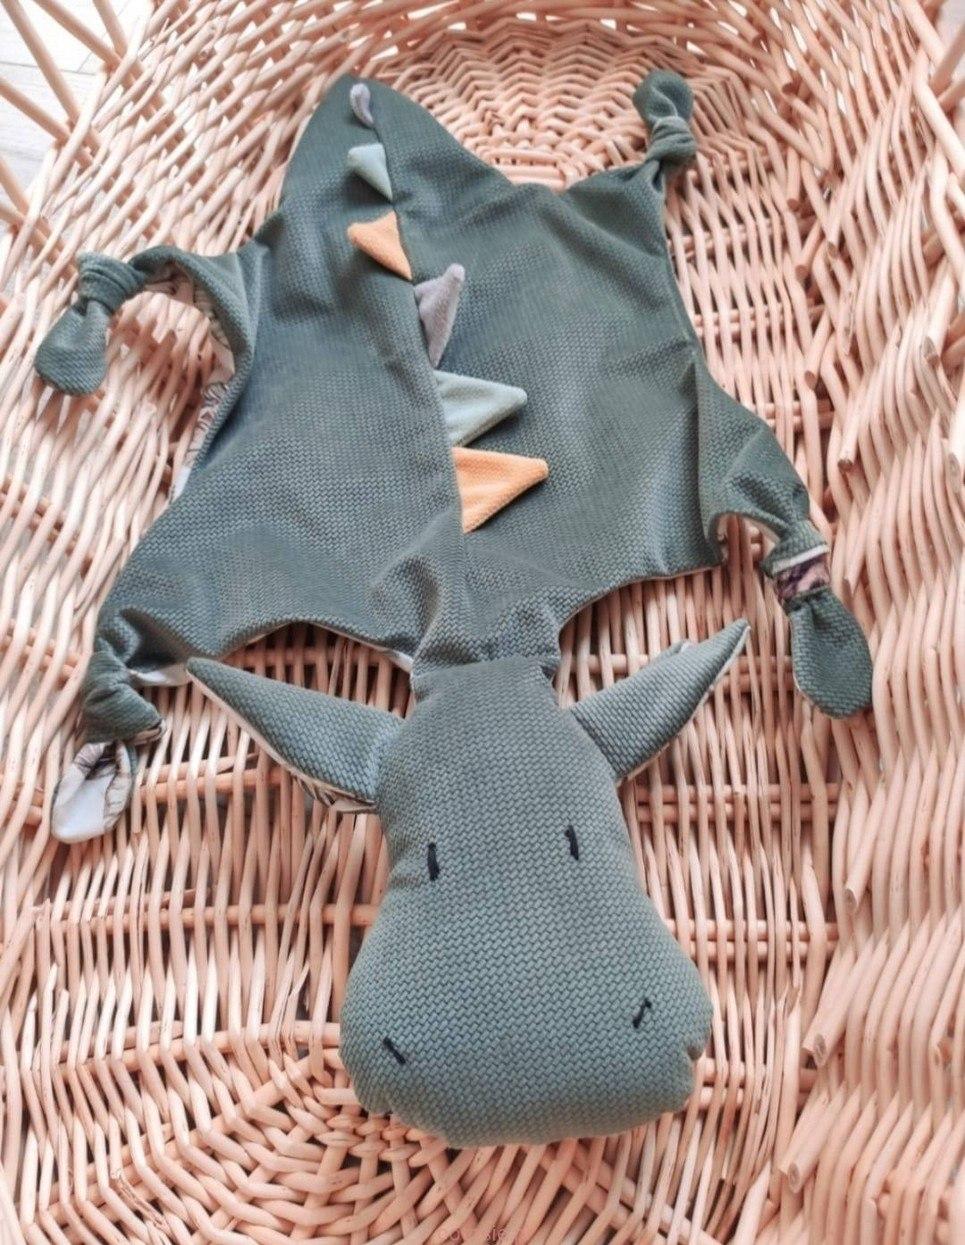 Green Dragon Doudou Baby Comforter